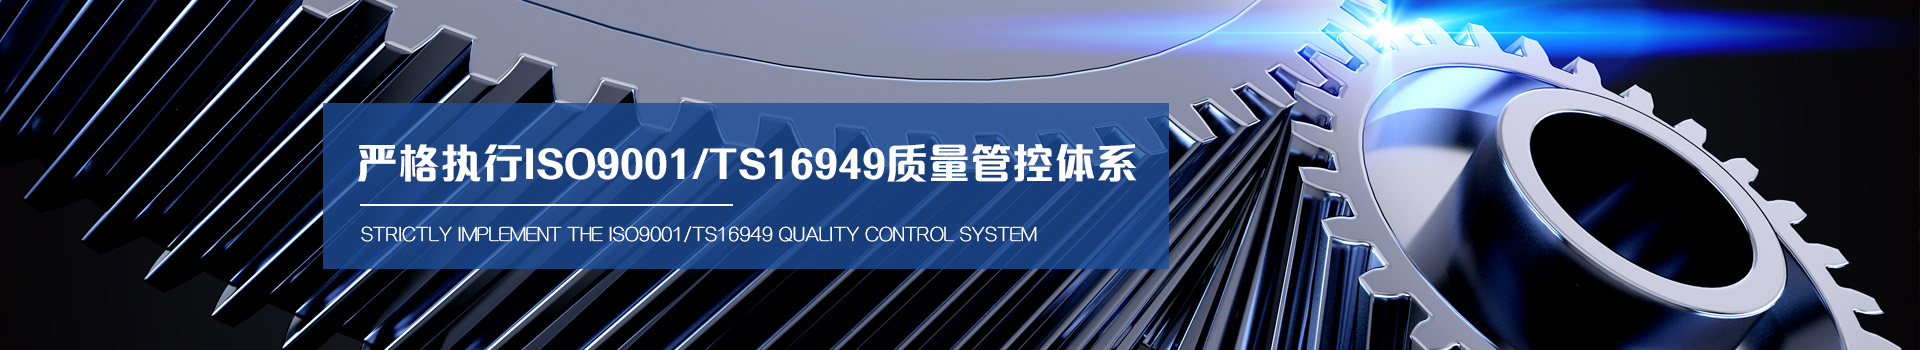 闻辞模具 严格执行ISO9001/TS16949质量管理体系